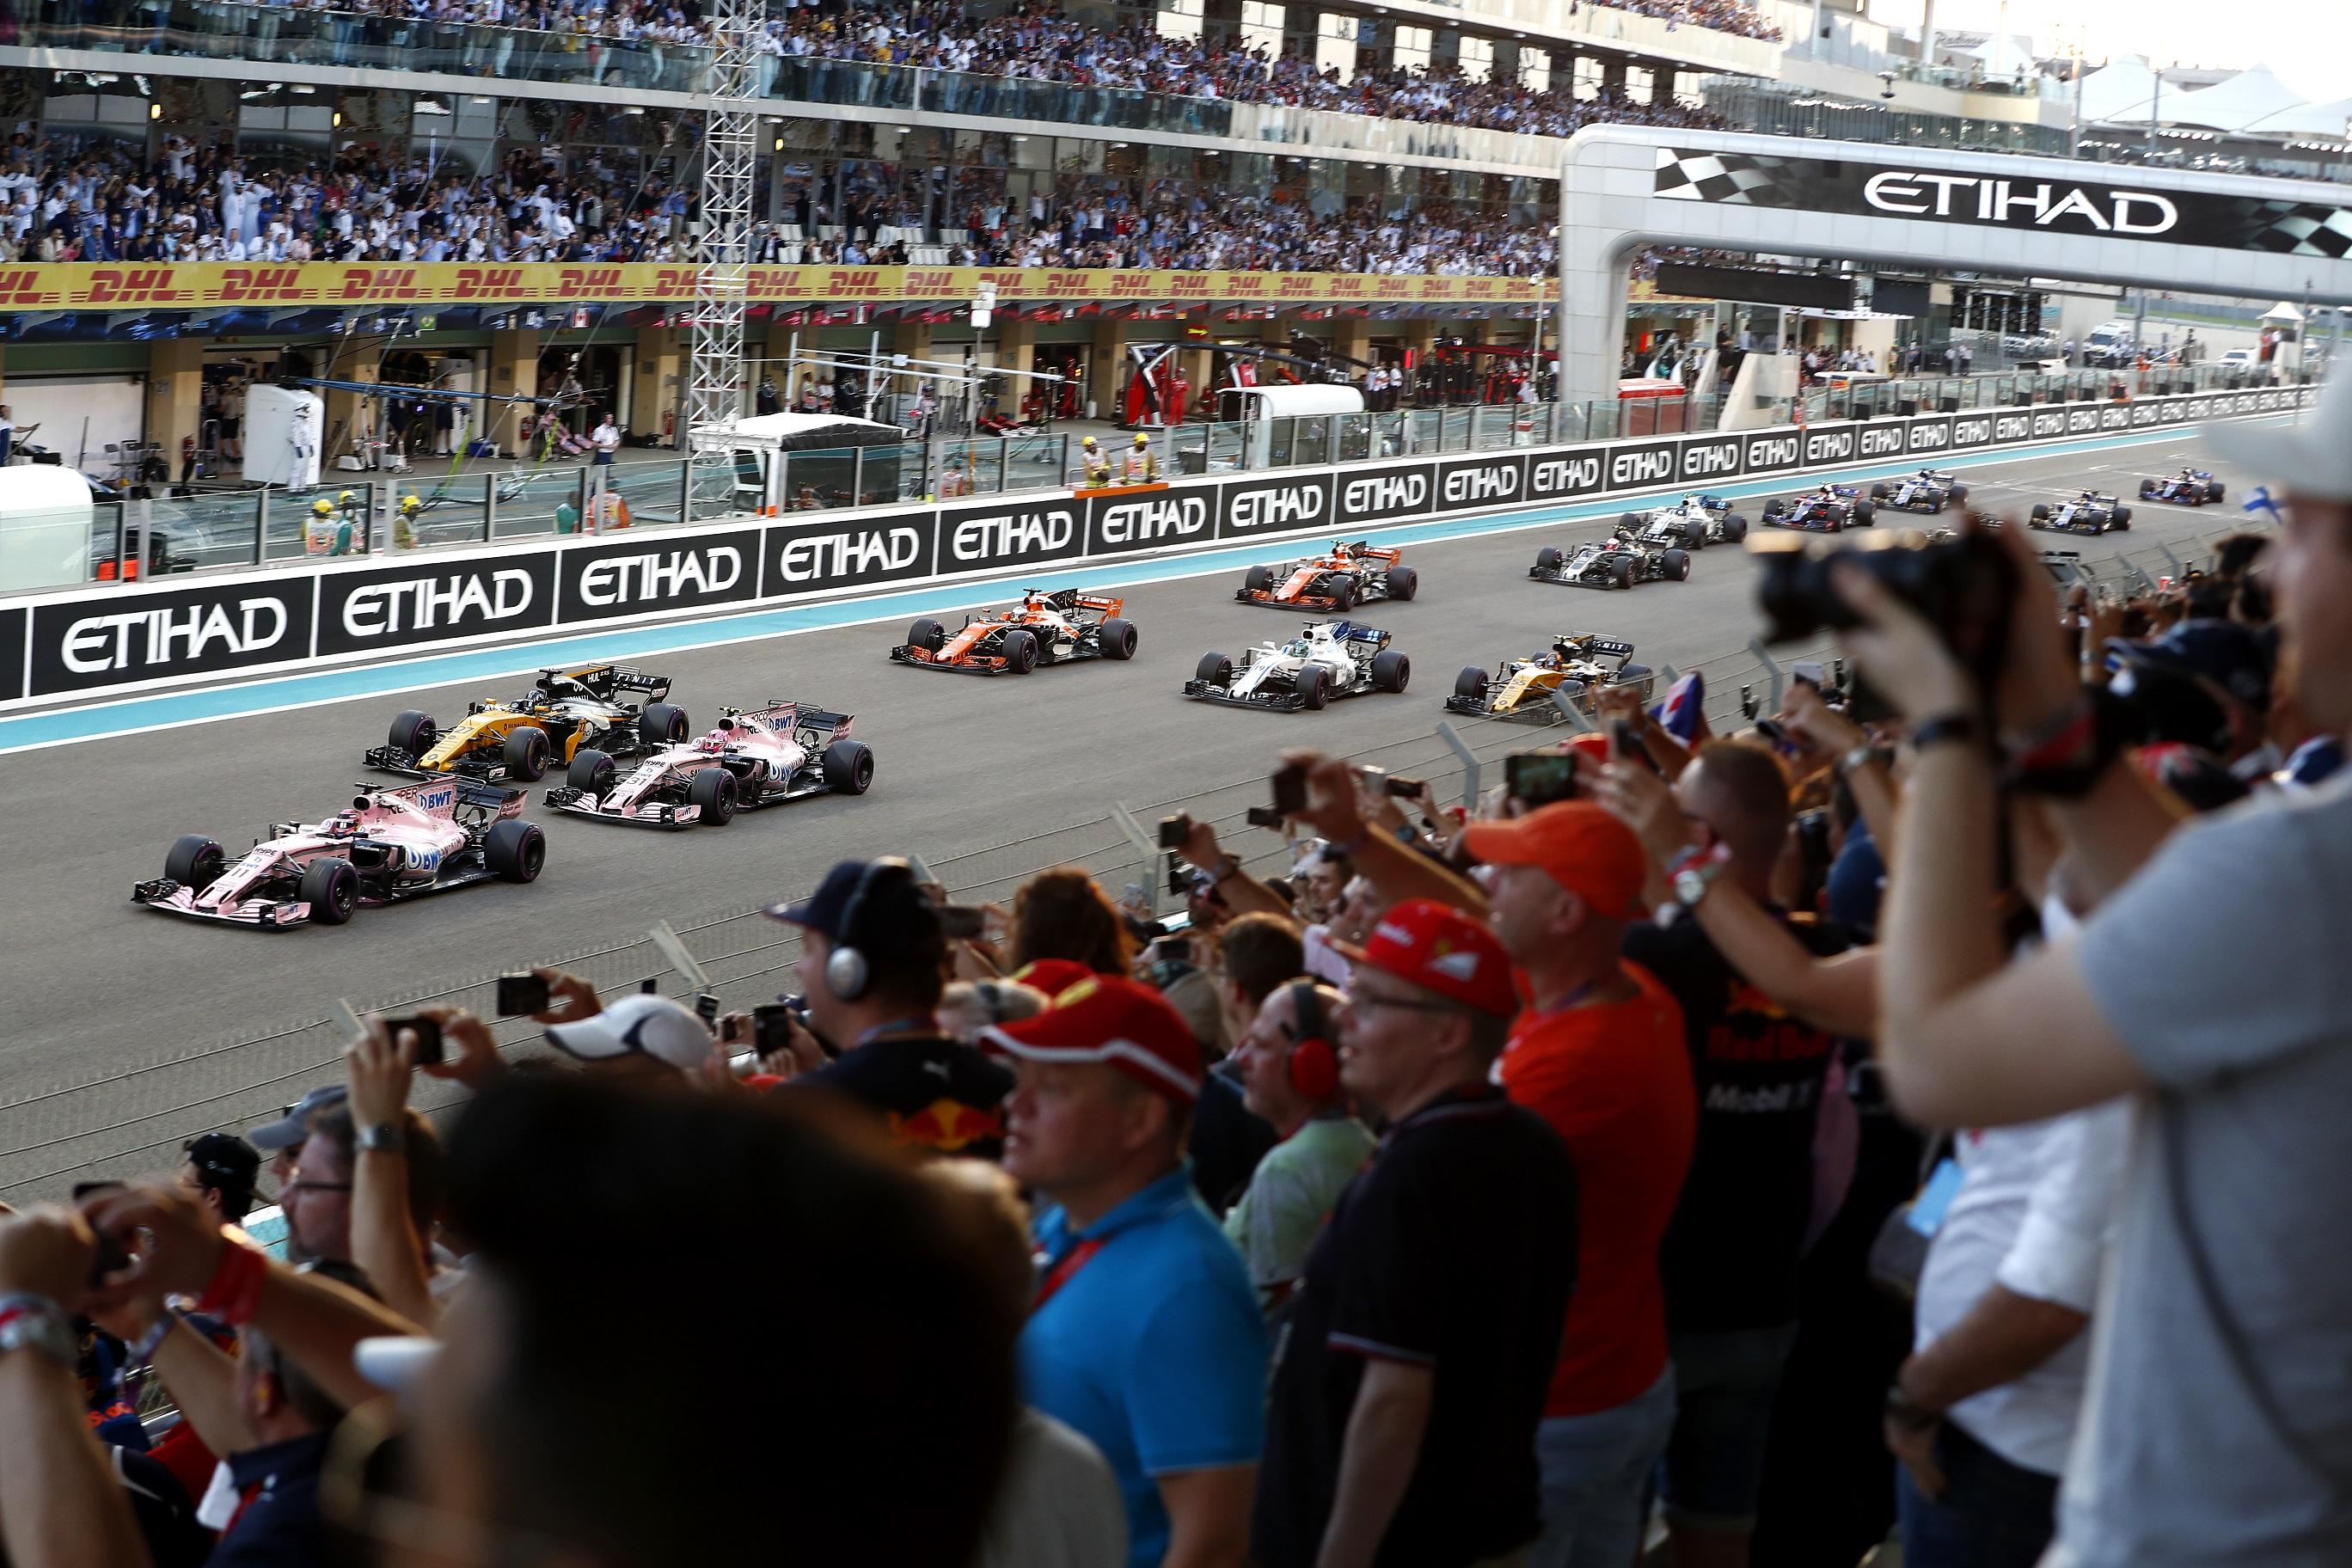 سباق جائزة الاتحاد للطيران الكبرى للفورمولا1